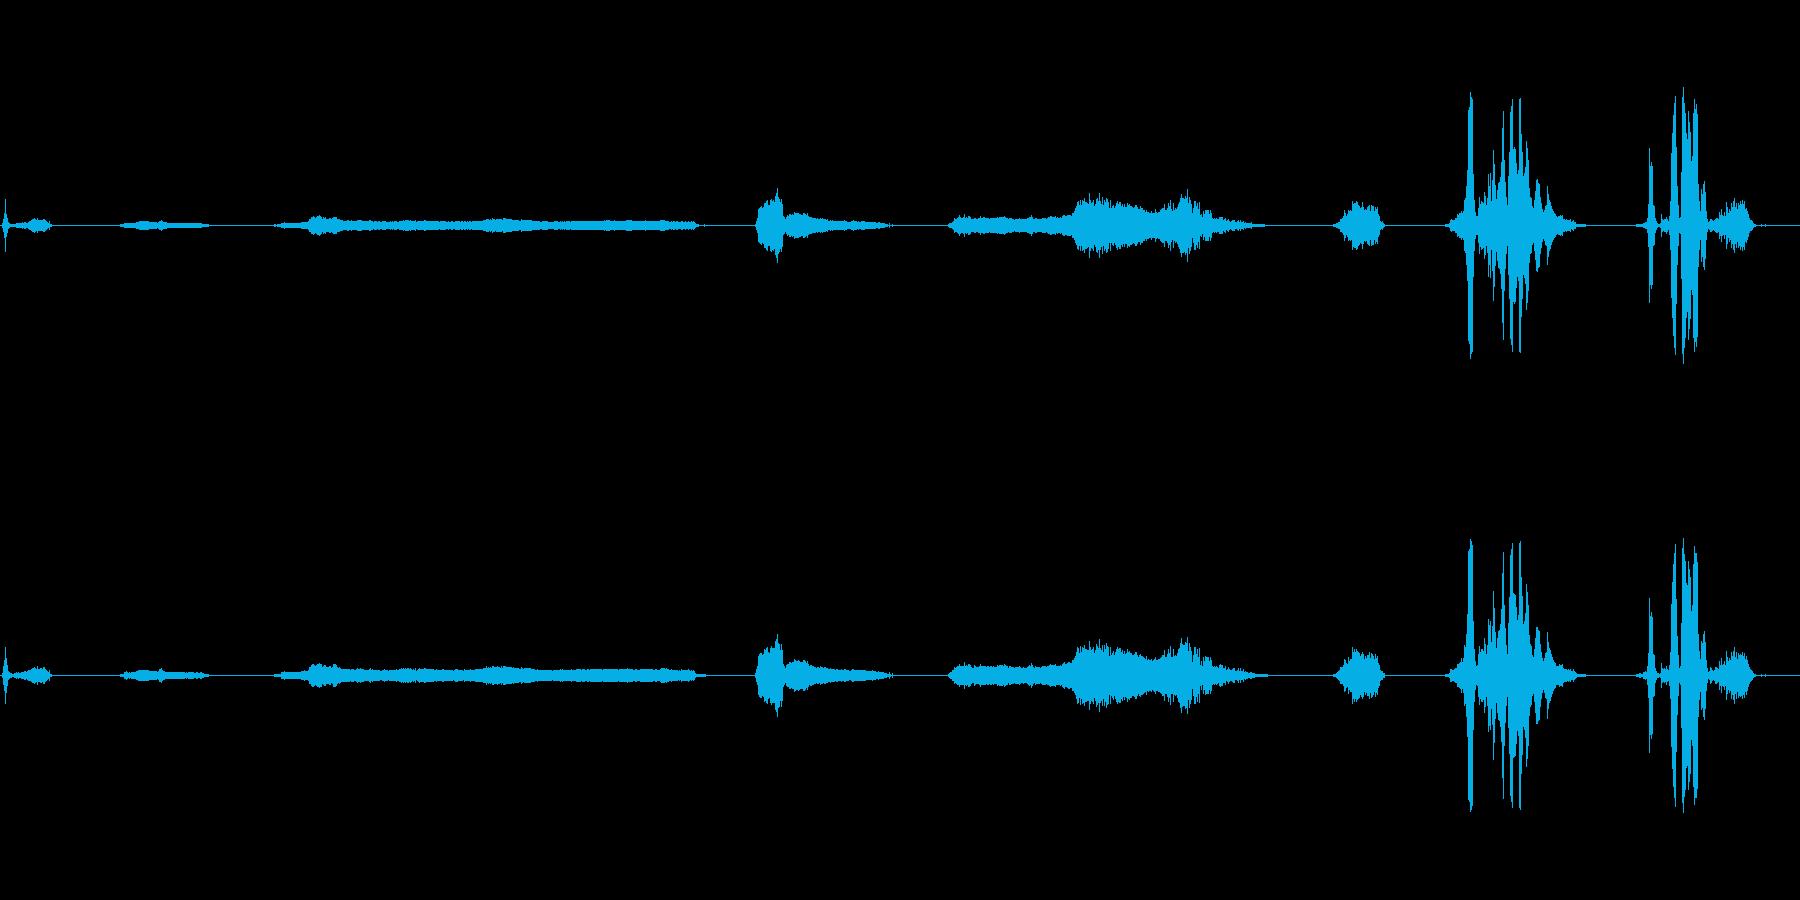 8怒っているスナール&ヒス、動物の再生済みの波形